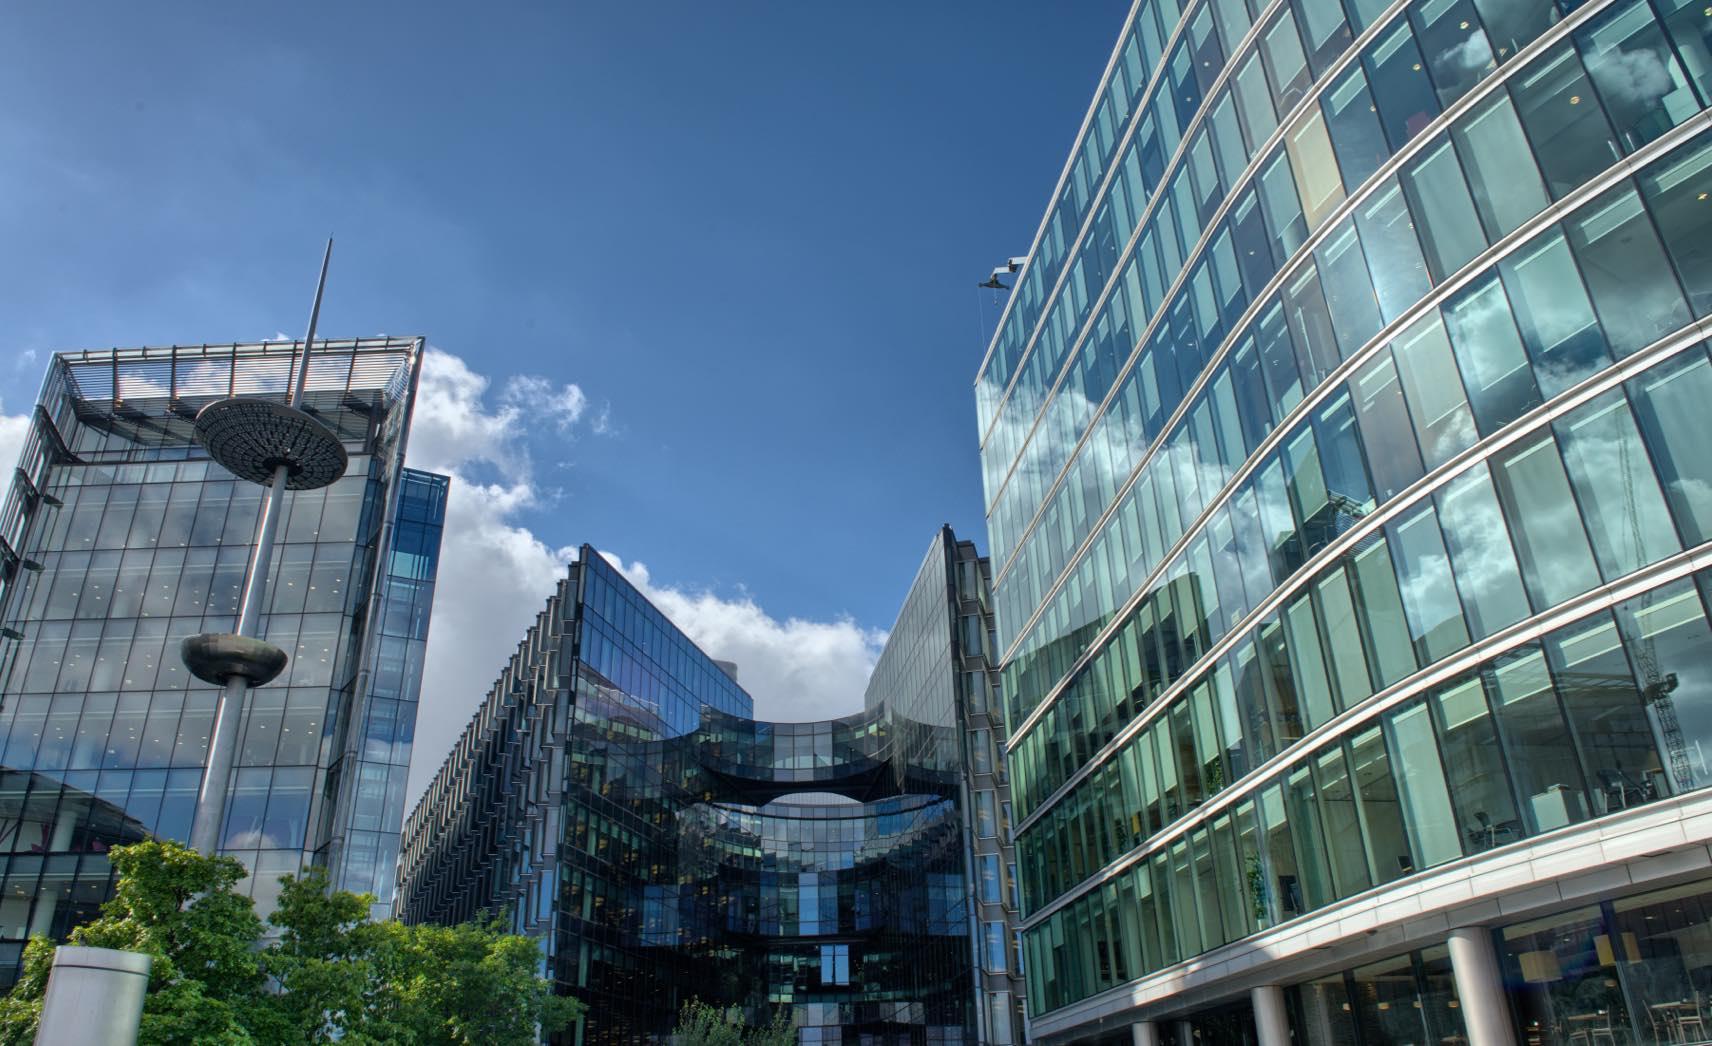 Office blocks in modern city